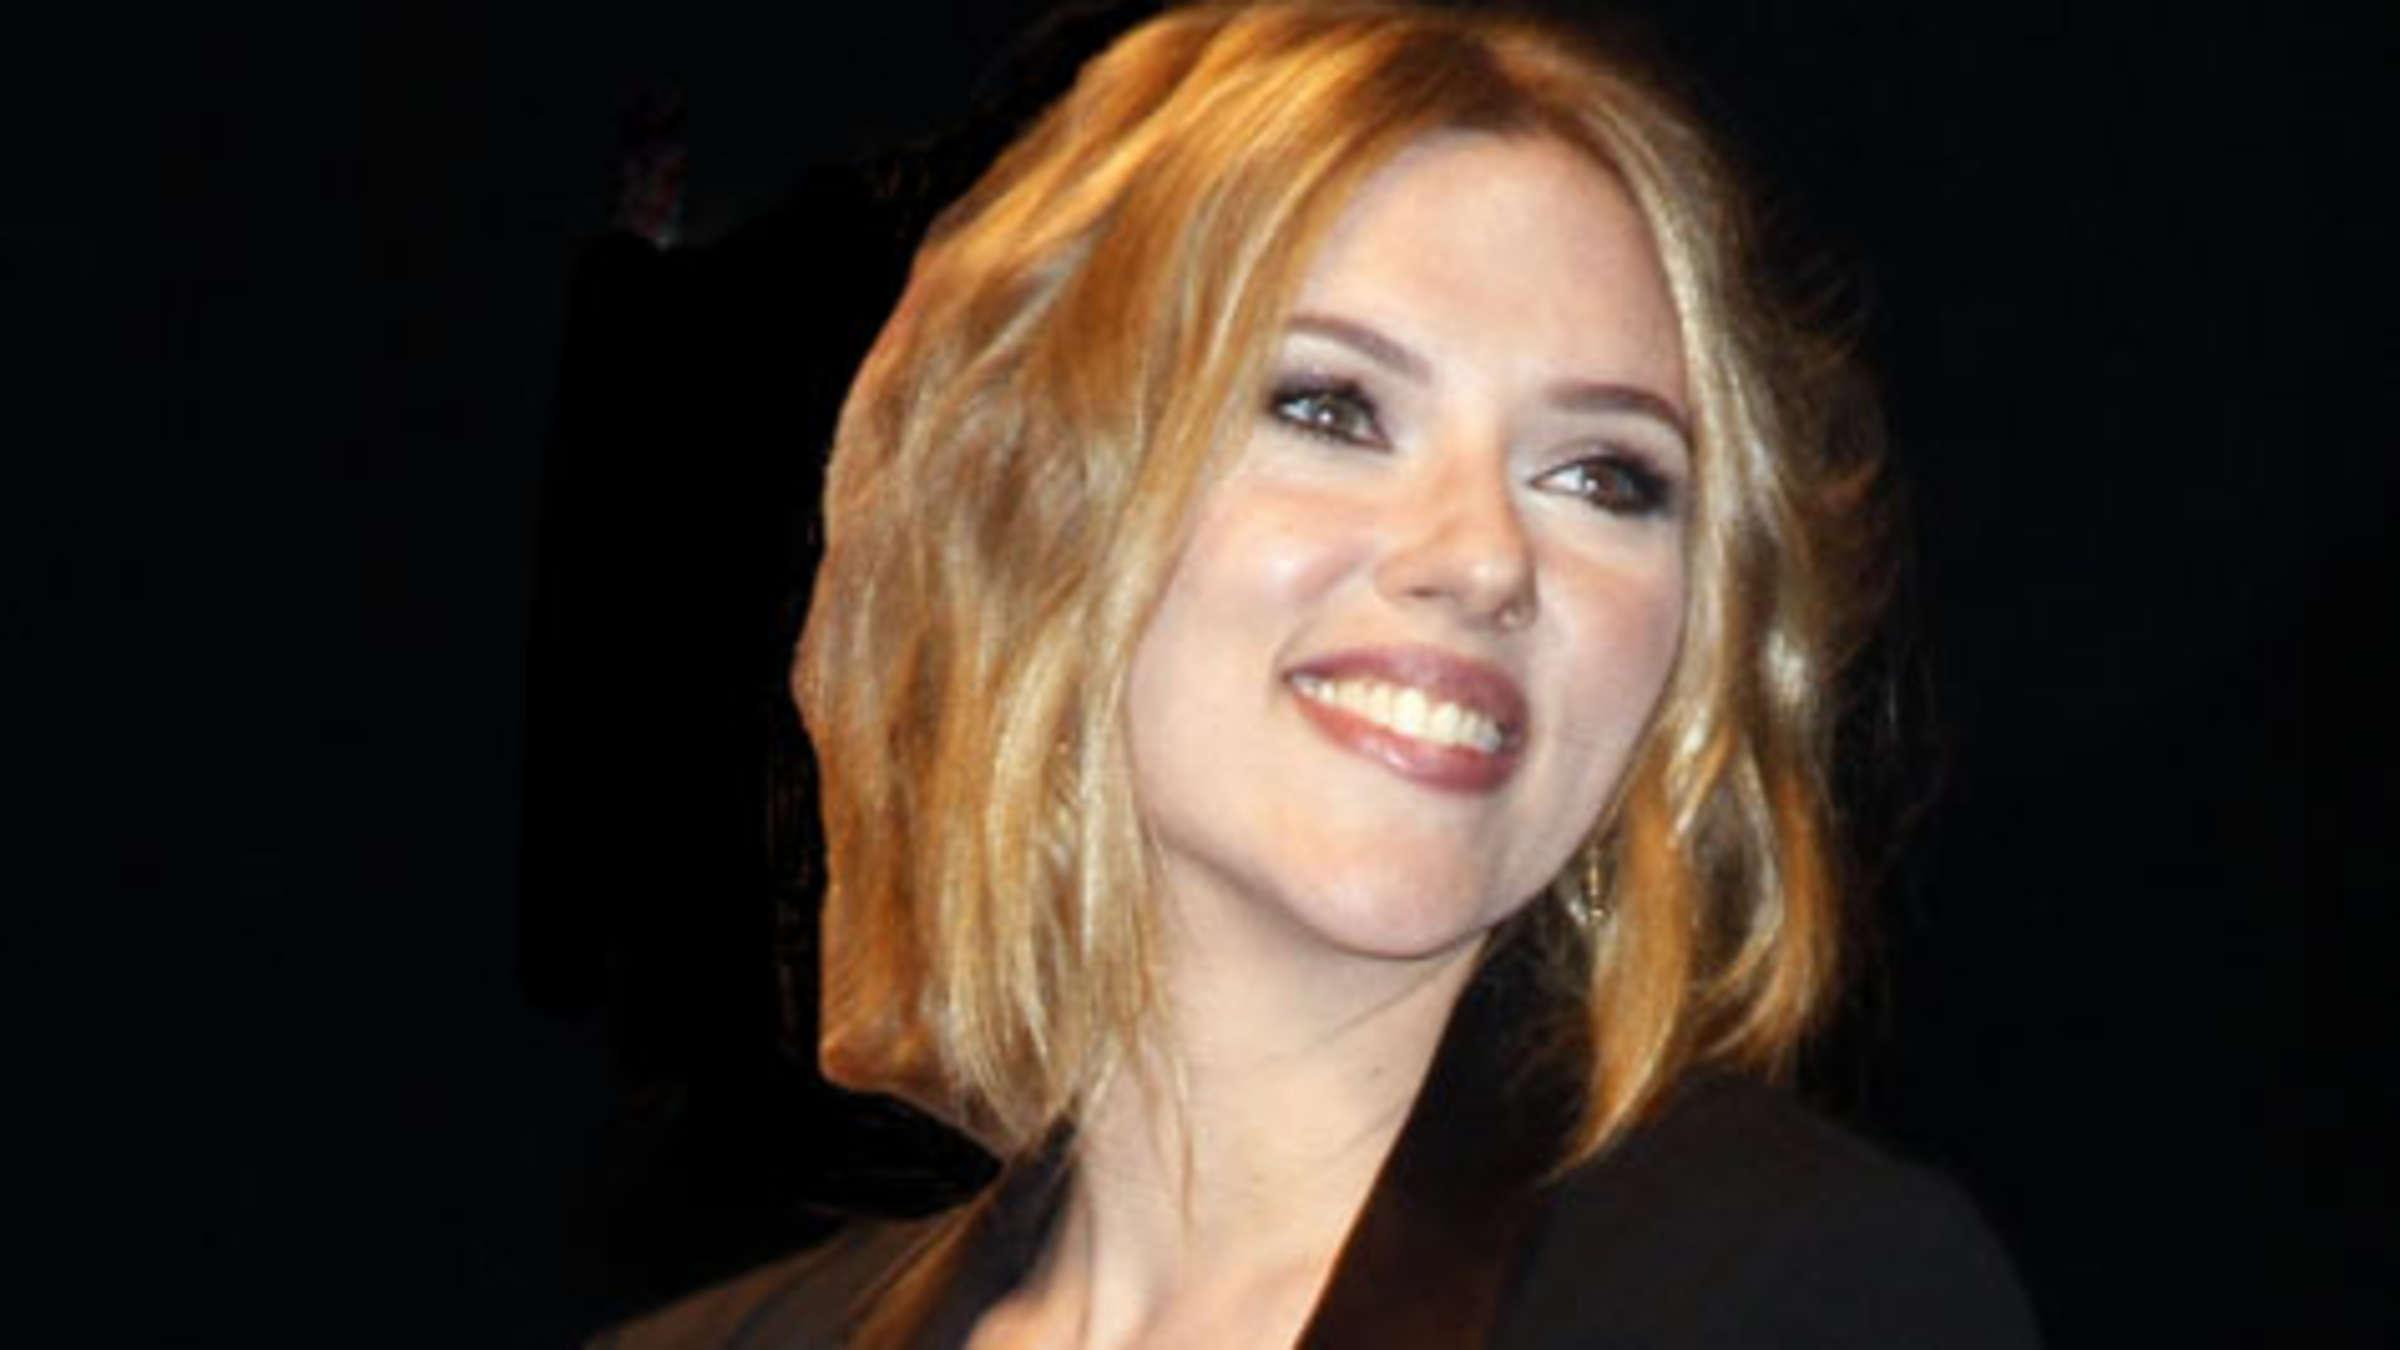 Scarlett Johansson Zeigt Neue Frisur Und Arbeitet Am Image